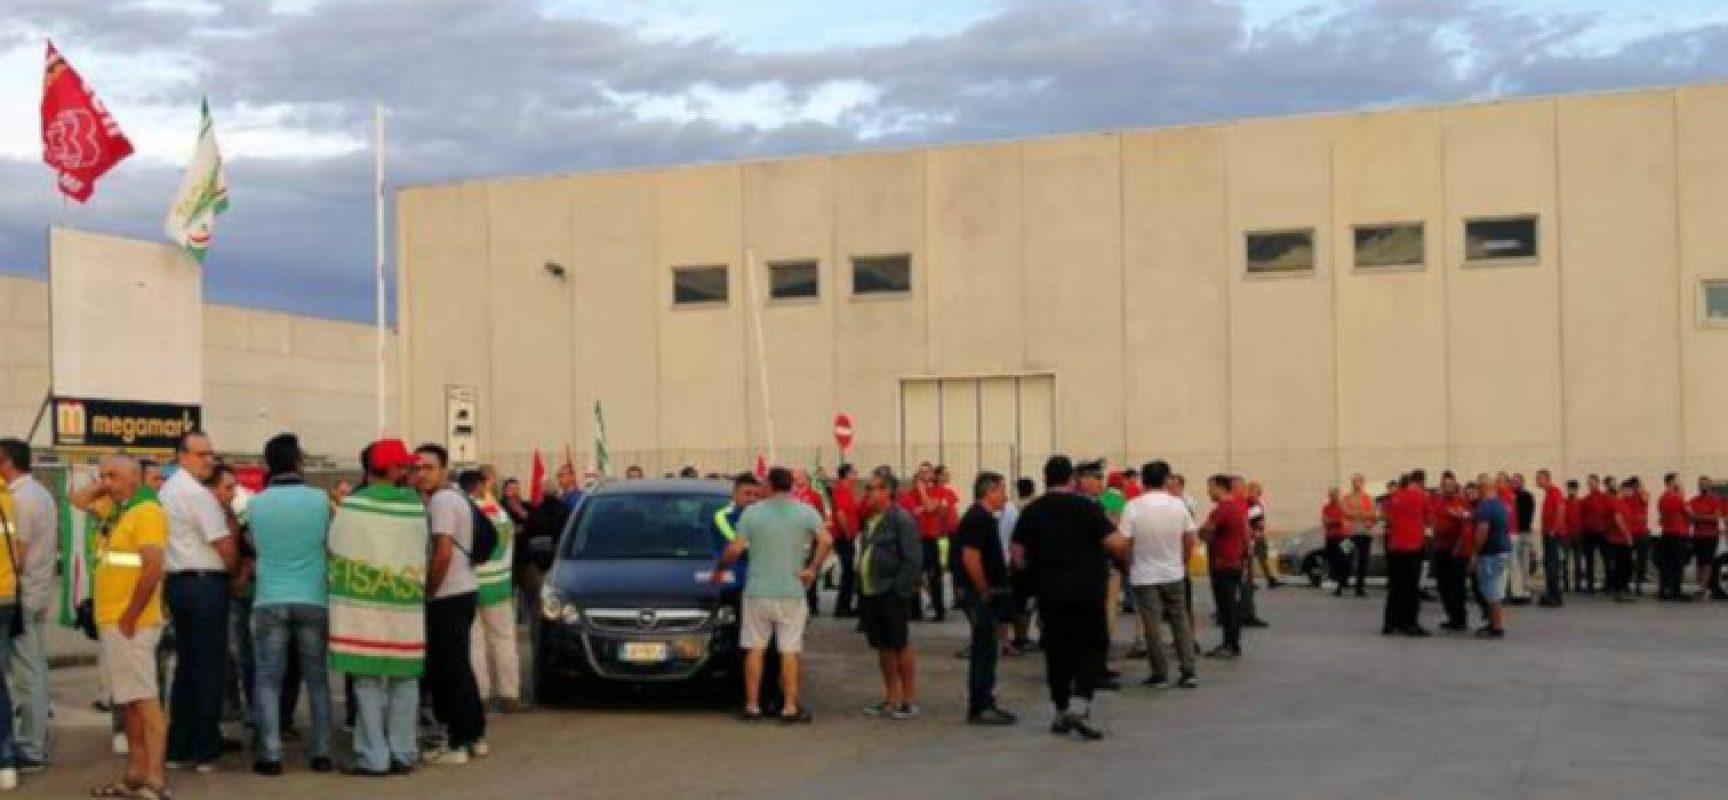 Area logistica Gruppo Megamark minaccia licenziamenti, lavoratori biscegliesi a rischio